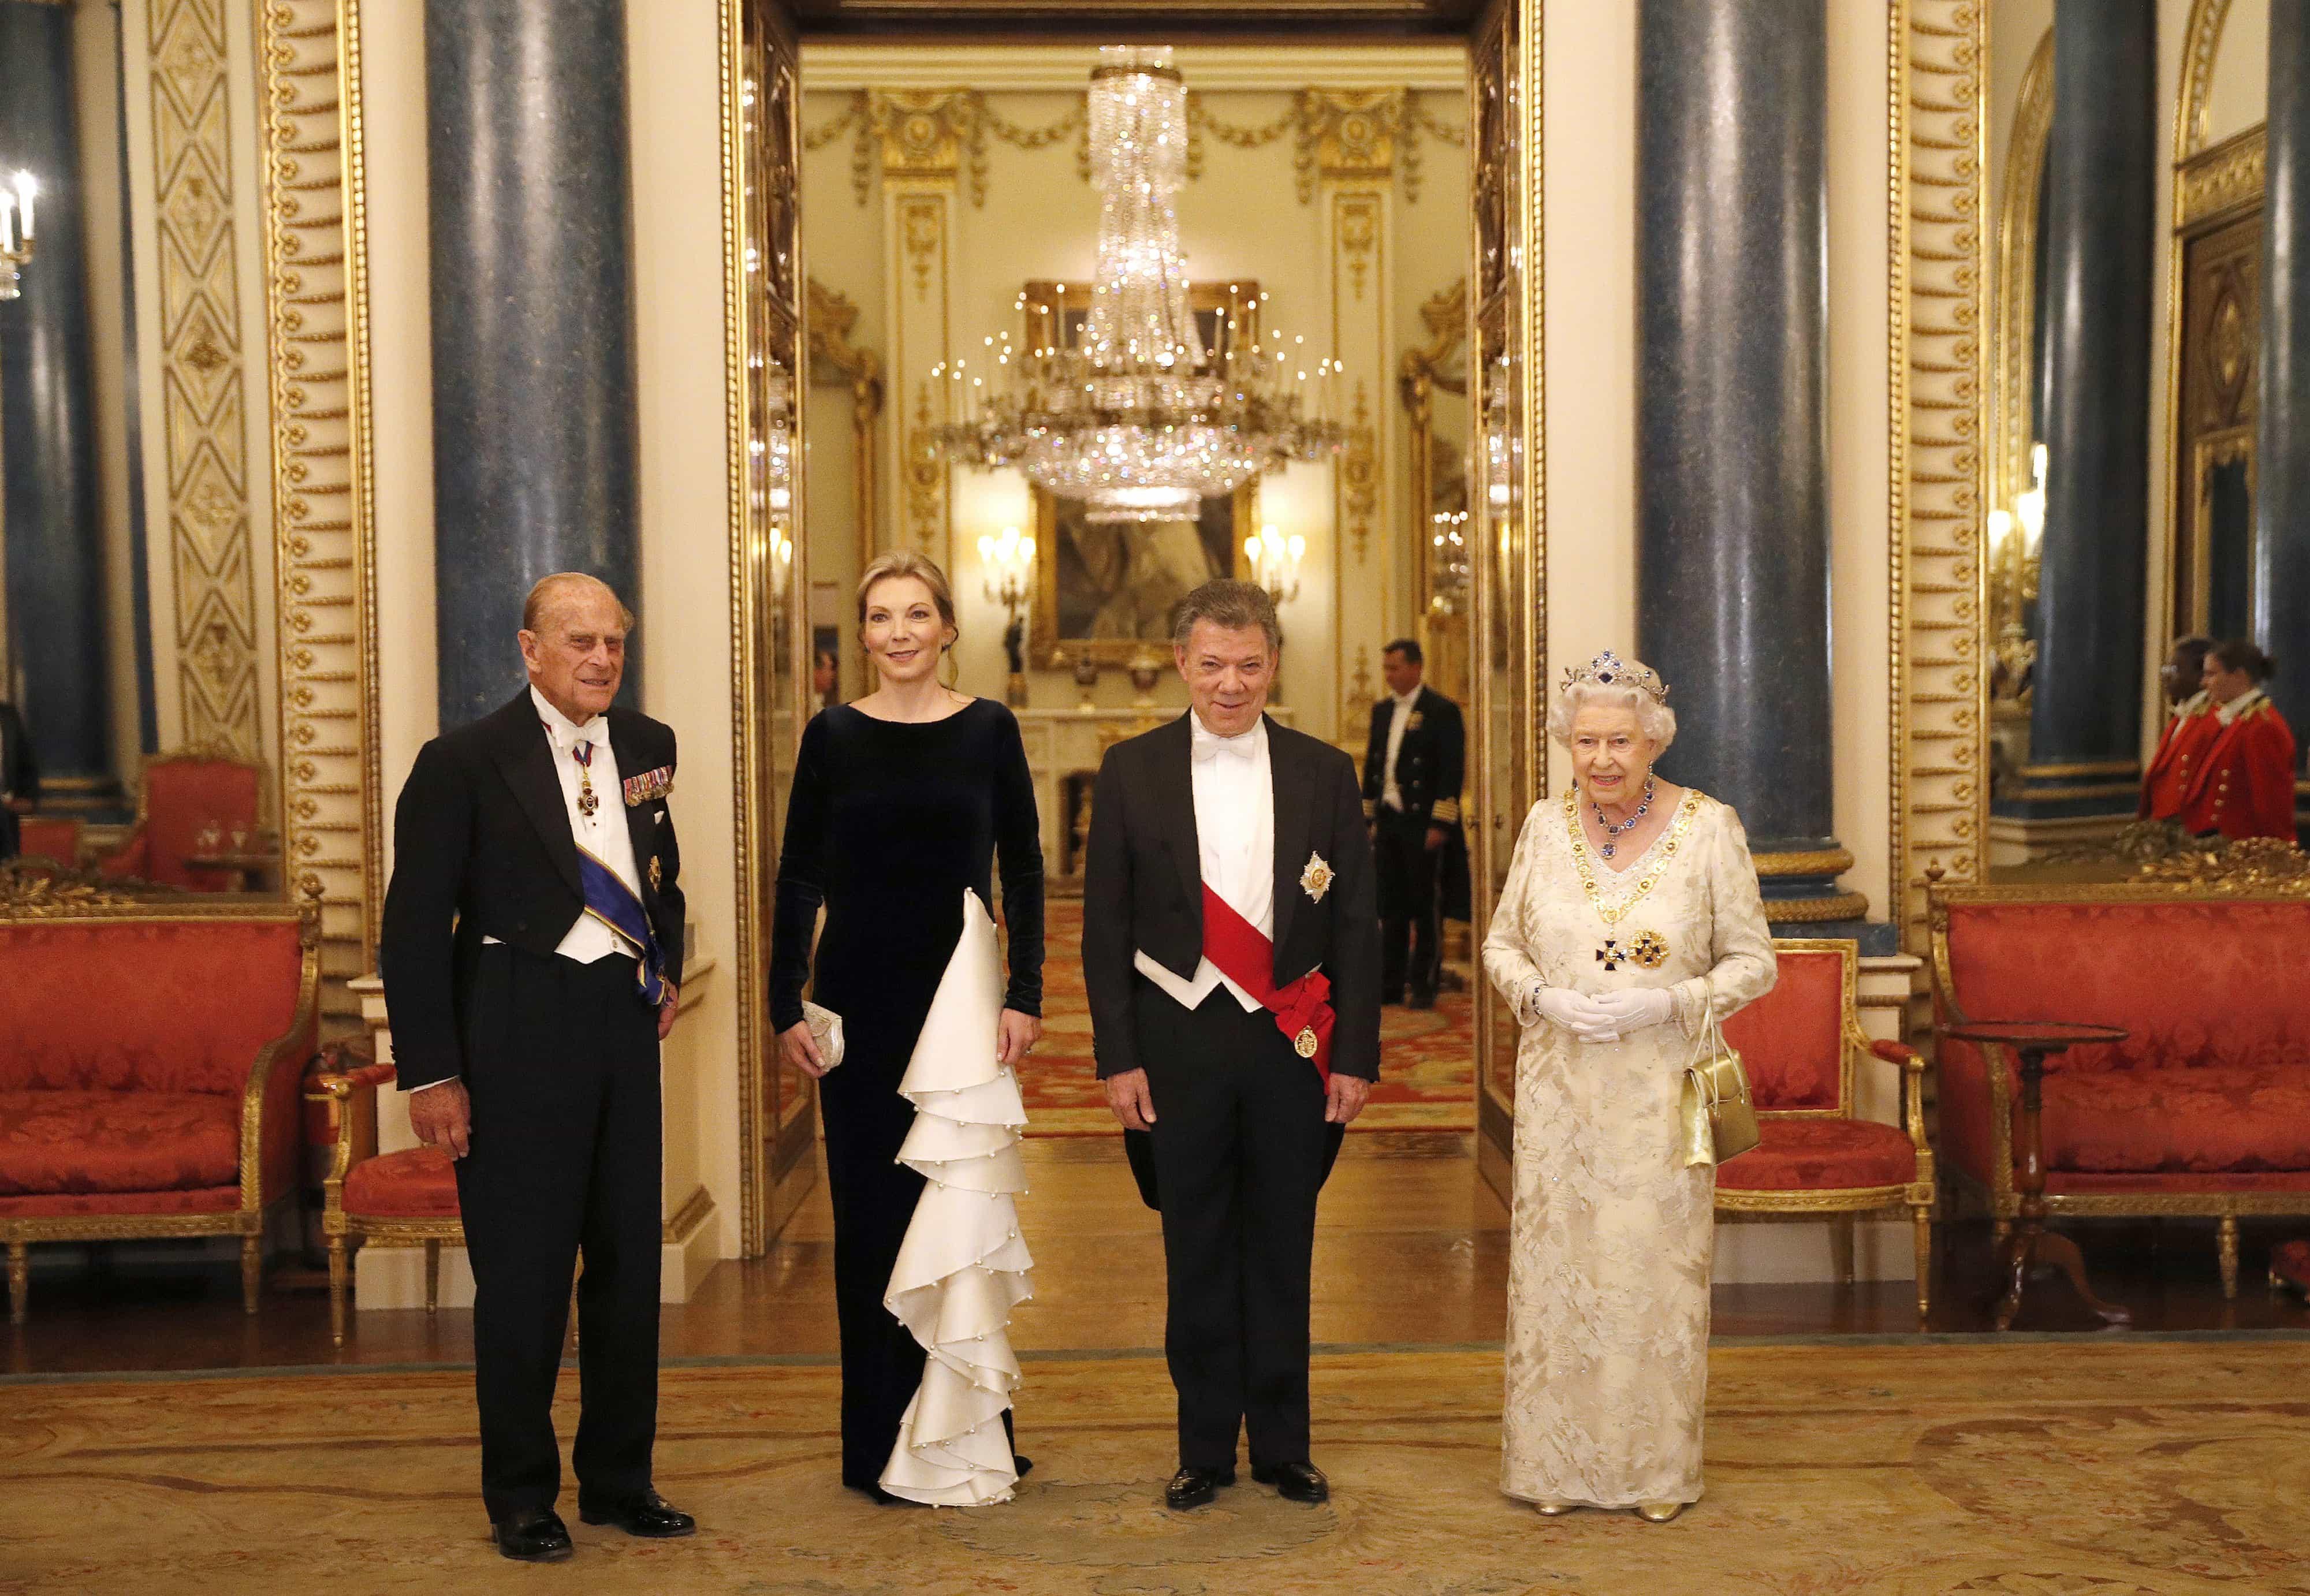 Felipe de Edimburgo, María Clemencia Rodríguez de Santos, Juan Manuel Santos y la Reina Isabel II